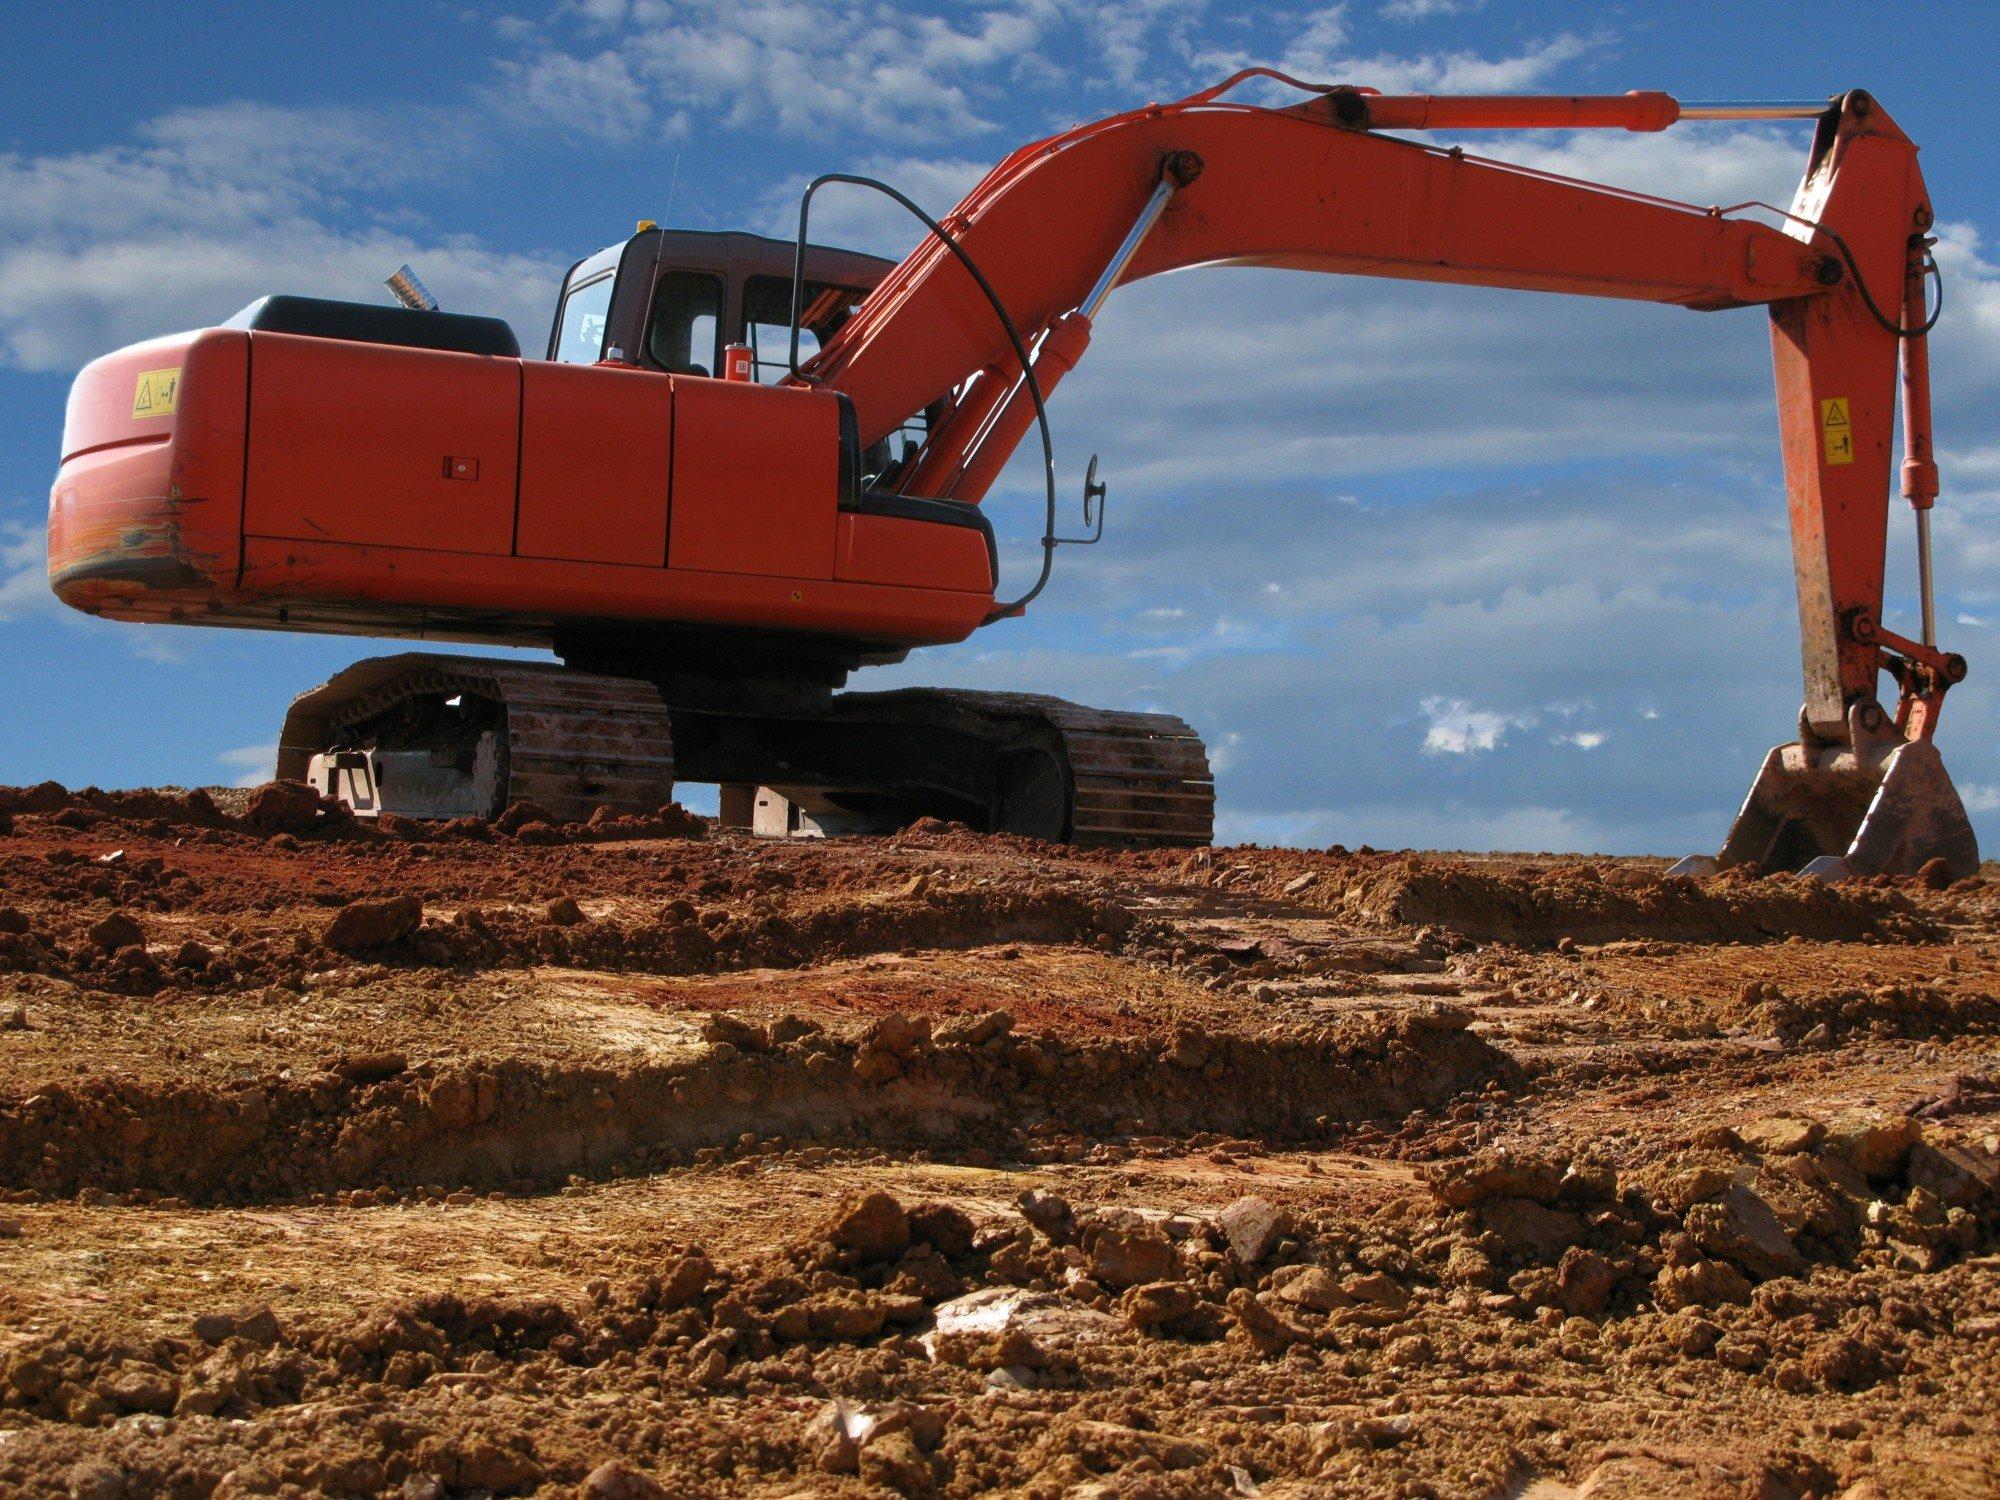 Хидравлични масла IP Italiana Petroli за строителни машини